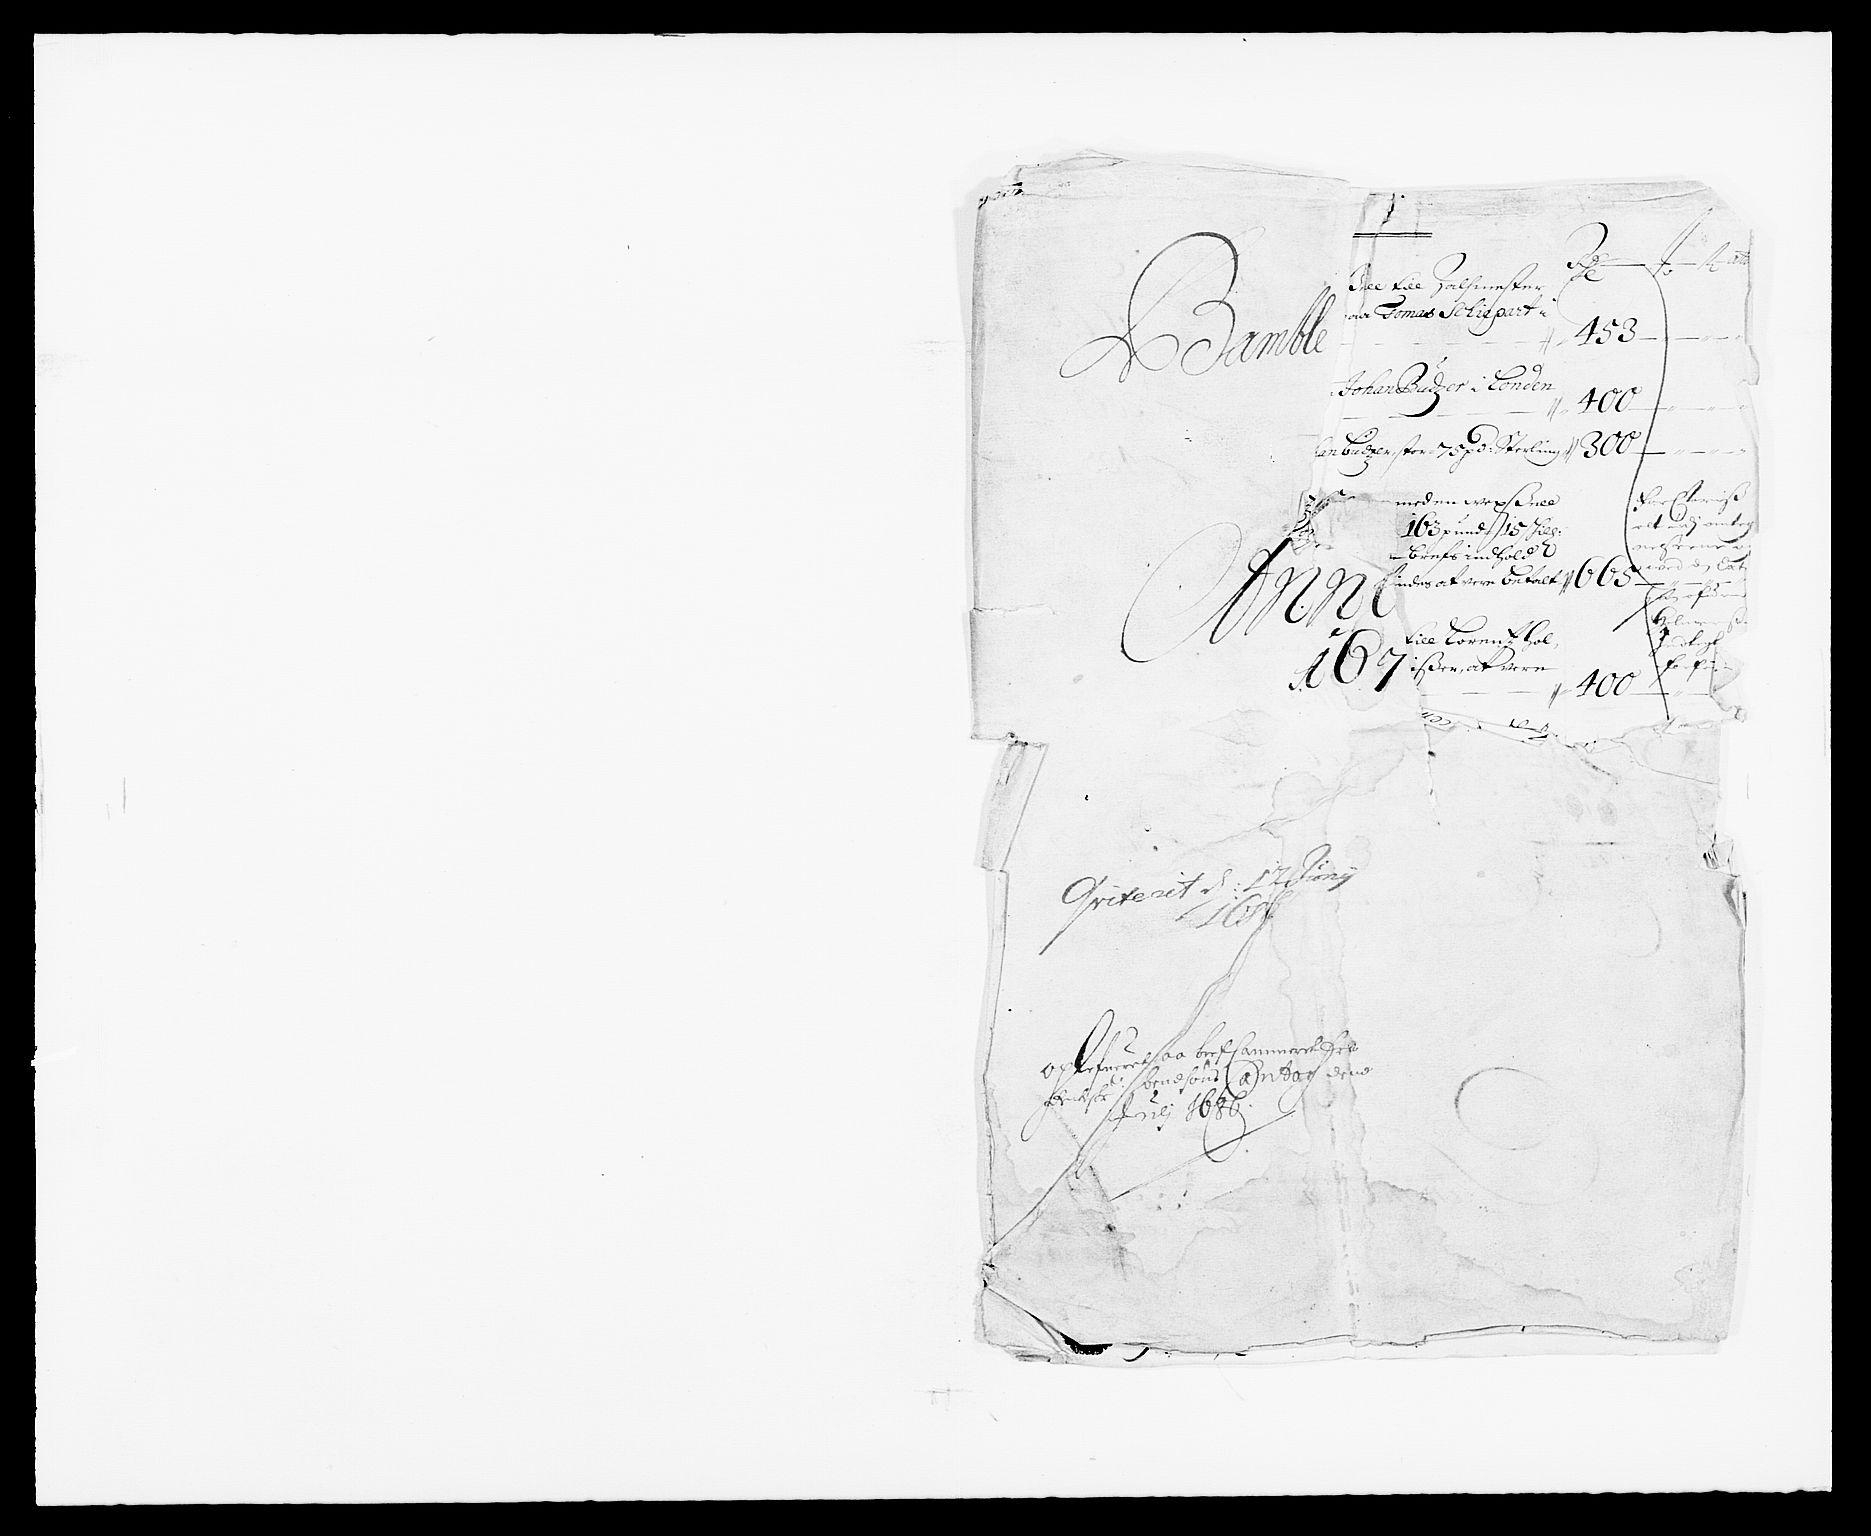 RA, Rentekammeret inntil 1814, Reviderte regnskaper, Fogderegnskap, R34/L2042: Fogderegnskap Bamble, 1673-1675, s. 123